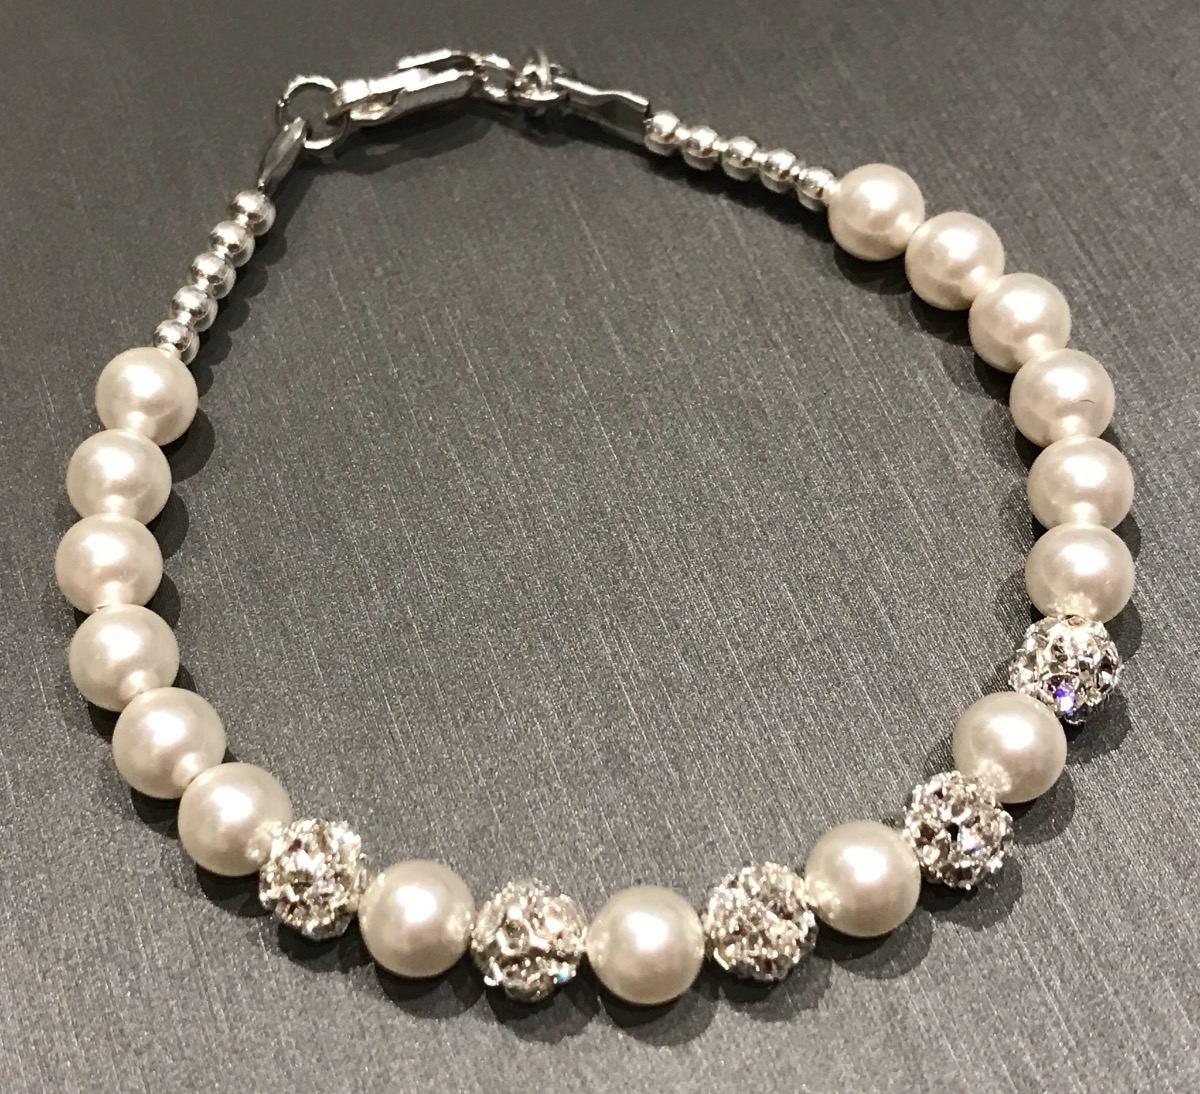 59dd4211d445 pulsera perlas y cristales swarovski plata 925 novias mujer. Cargando zoom.